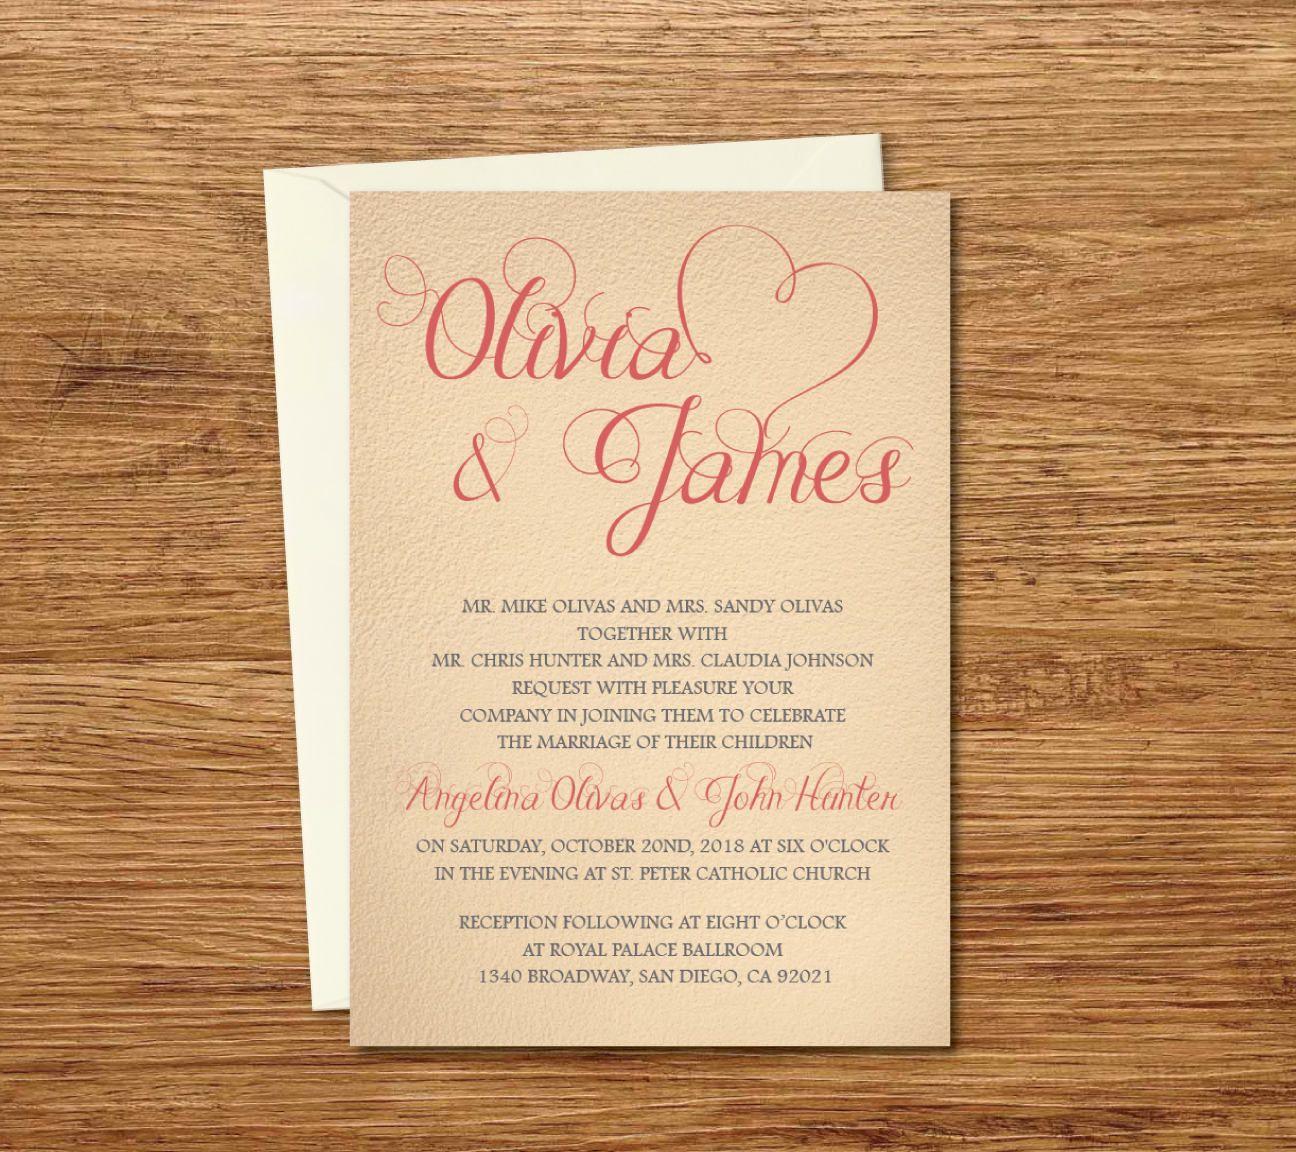 Vintage Custom Wedding Invitation Printable TemplateEcard - Spanish wedding invitations templates